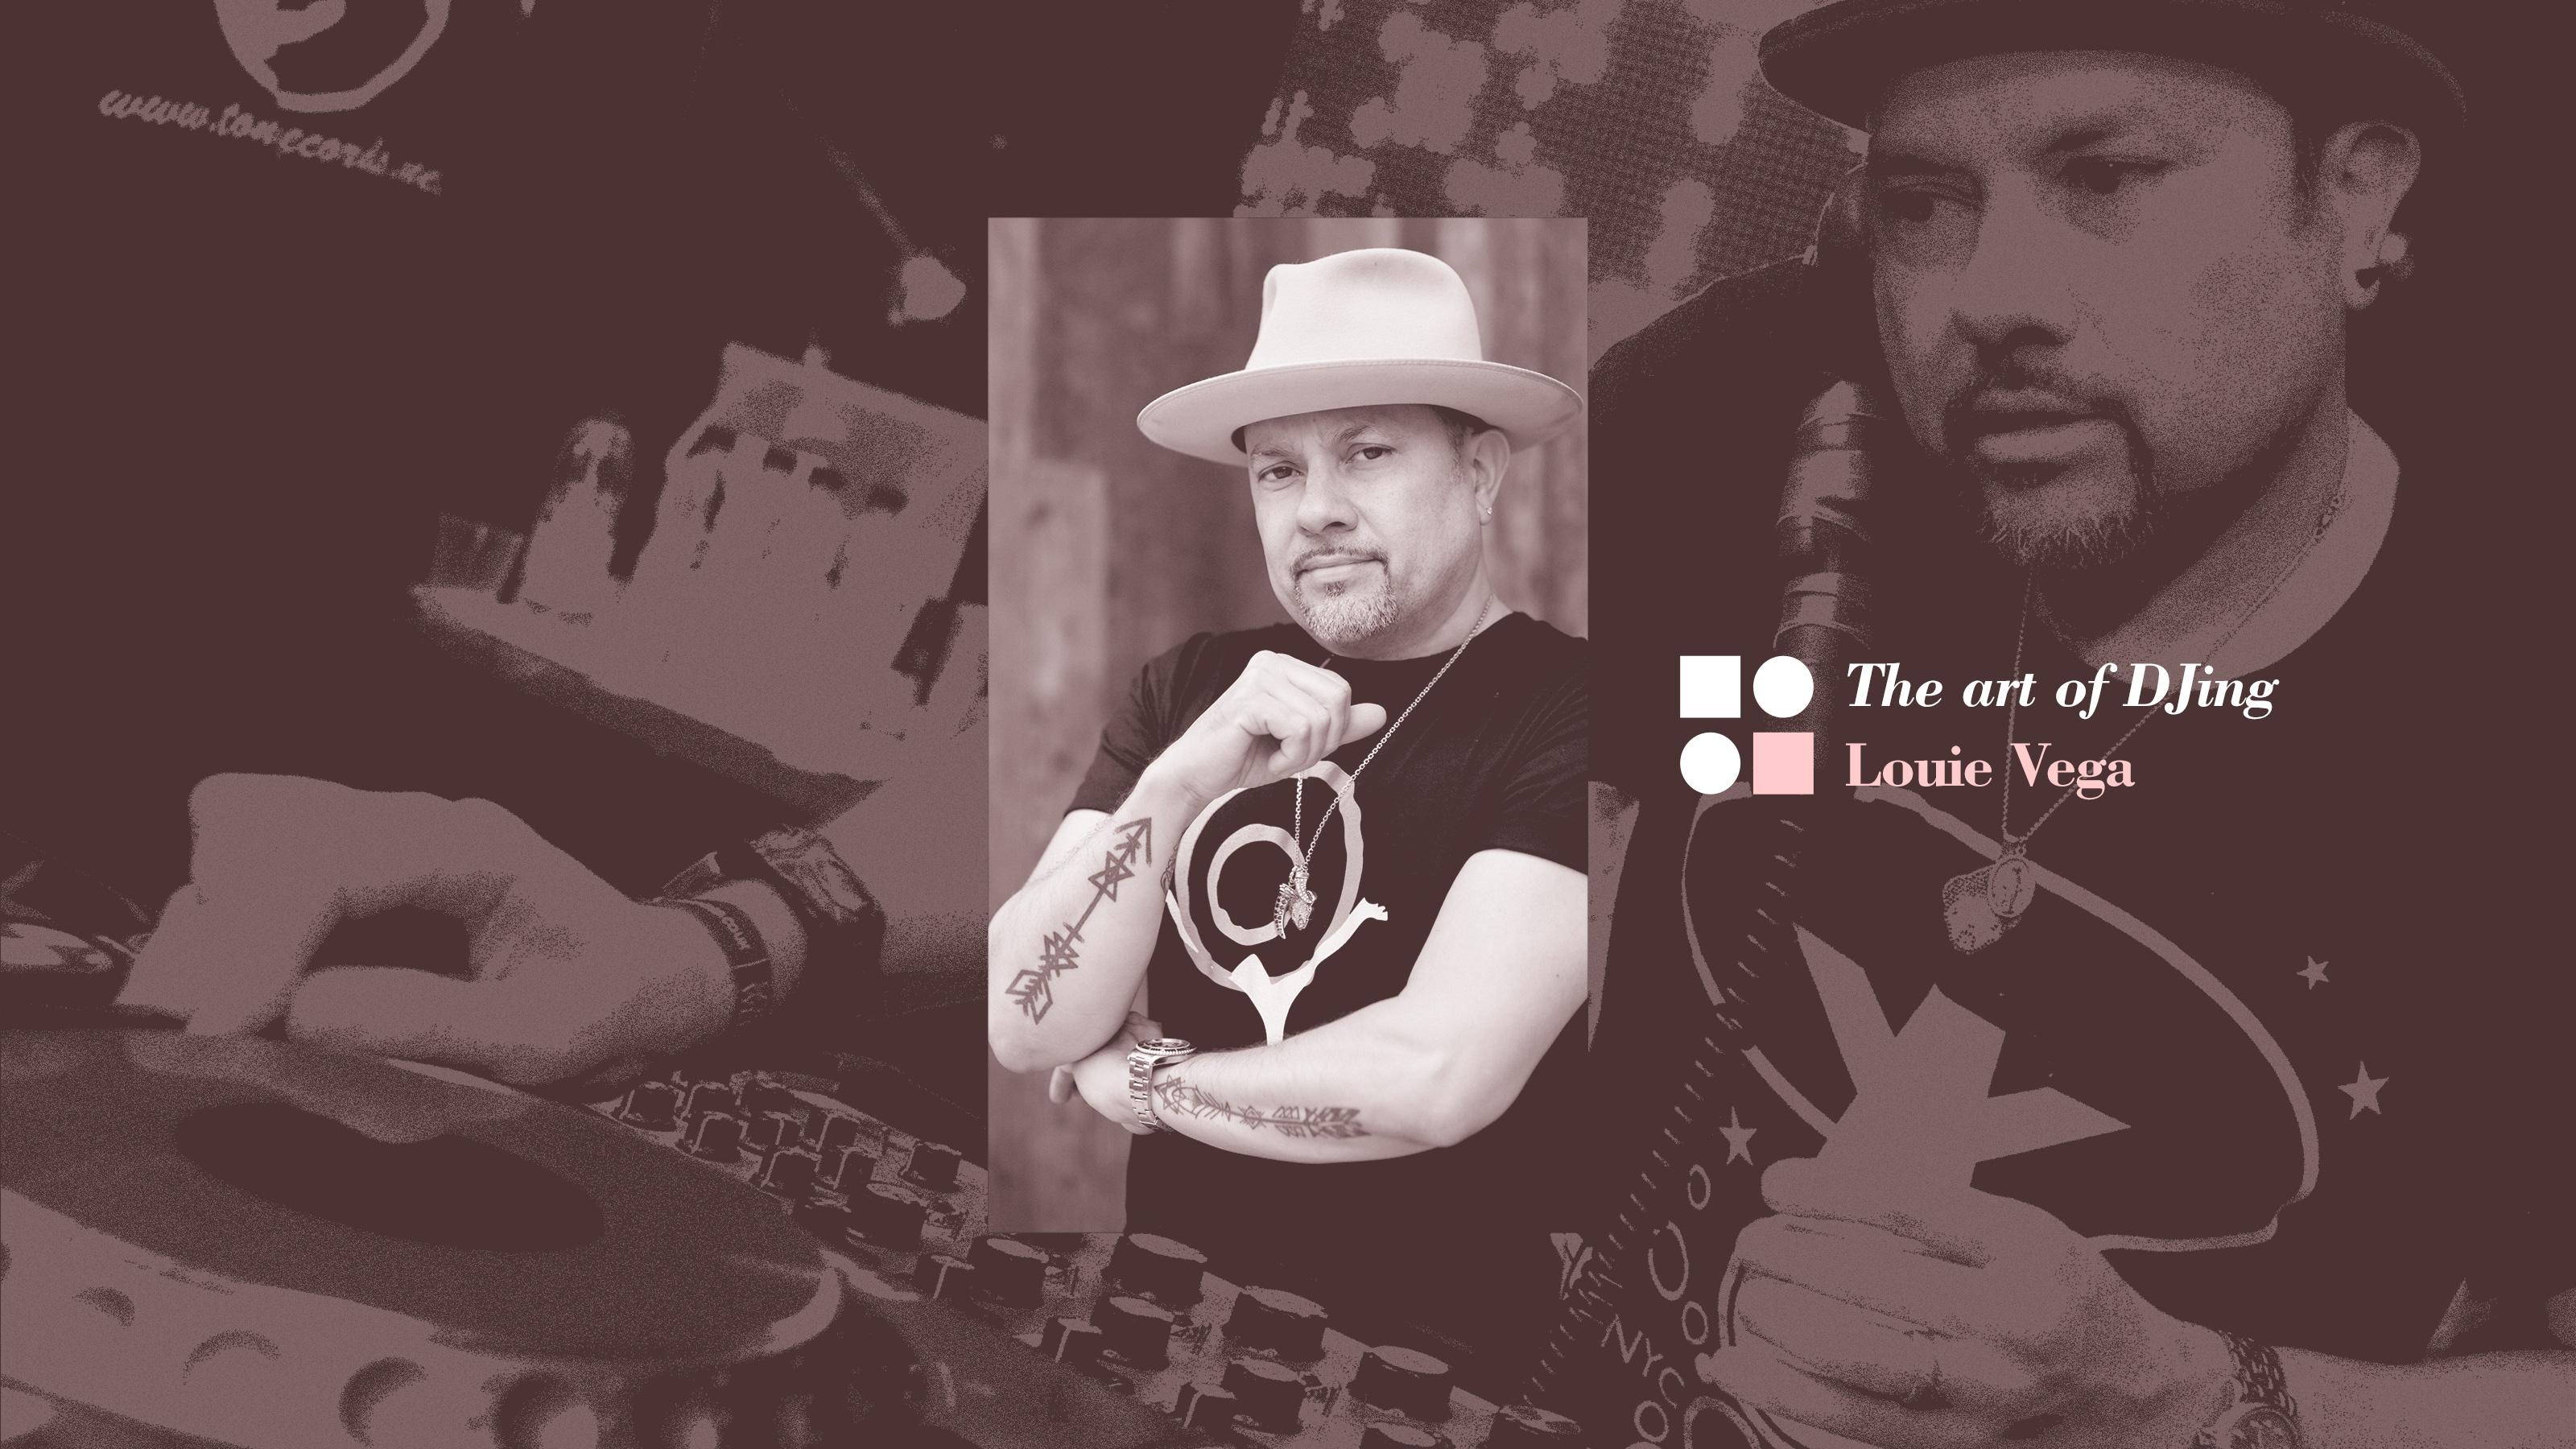 The art of DJing: Louie Vega